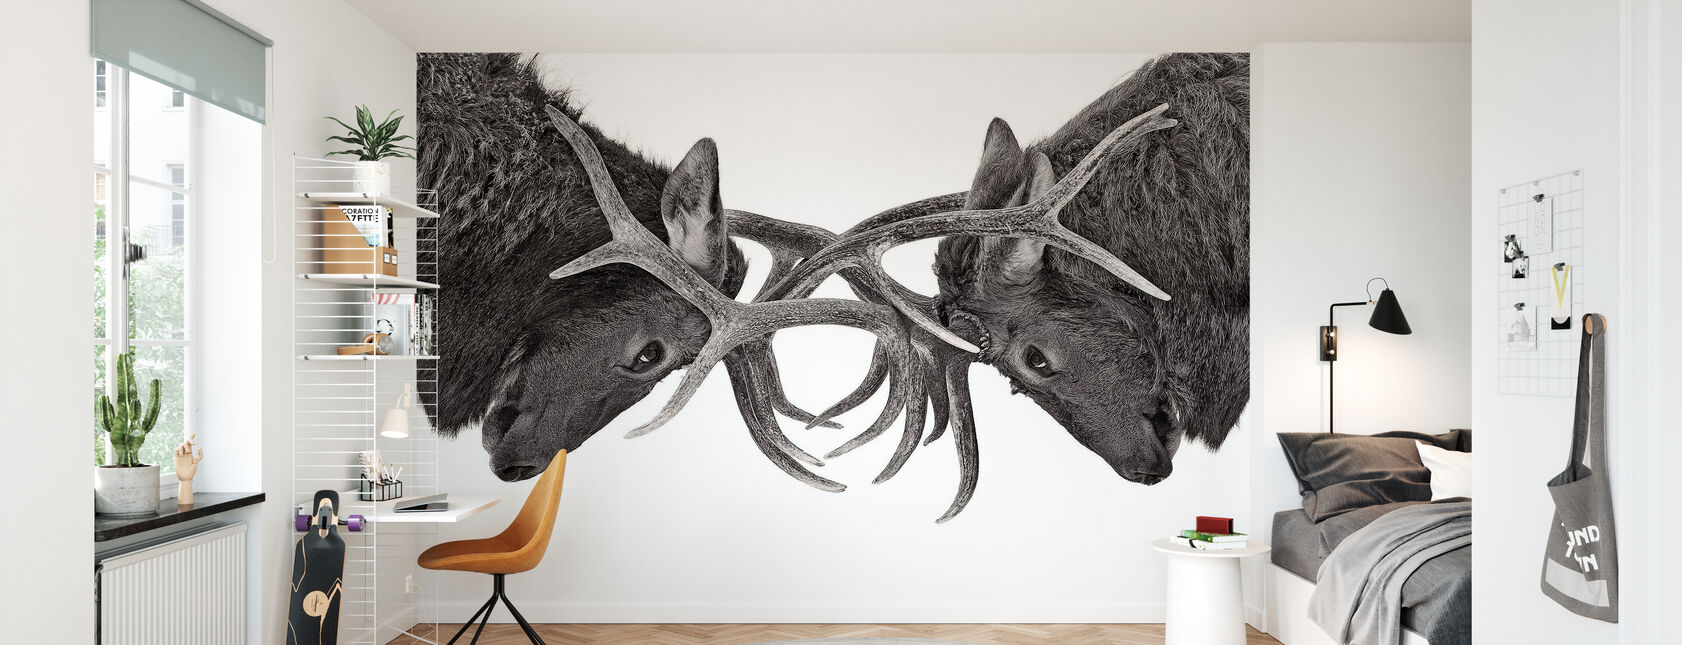 Eye to Eye - Elk fight, black and white - Wallpaper - Kids Room